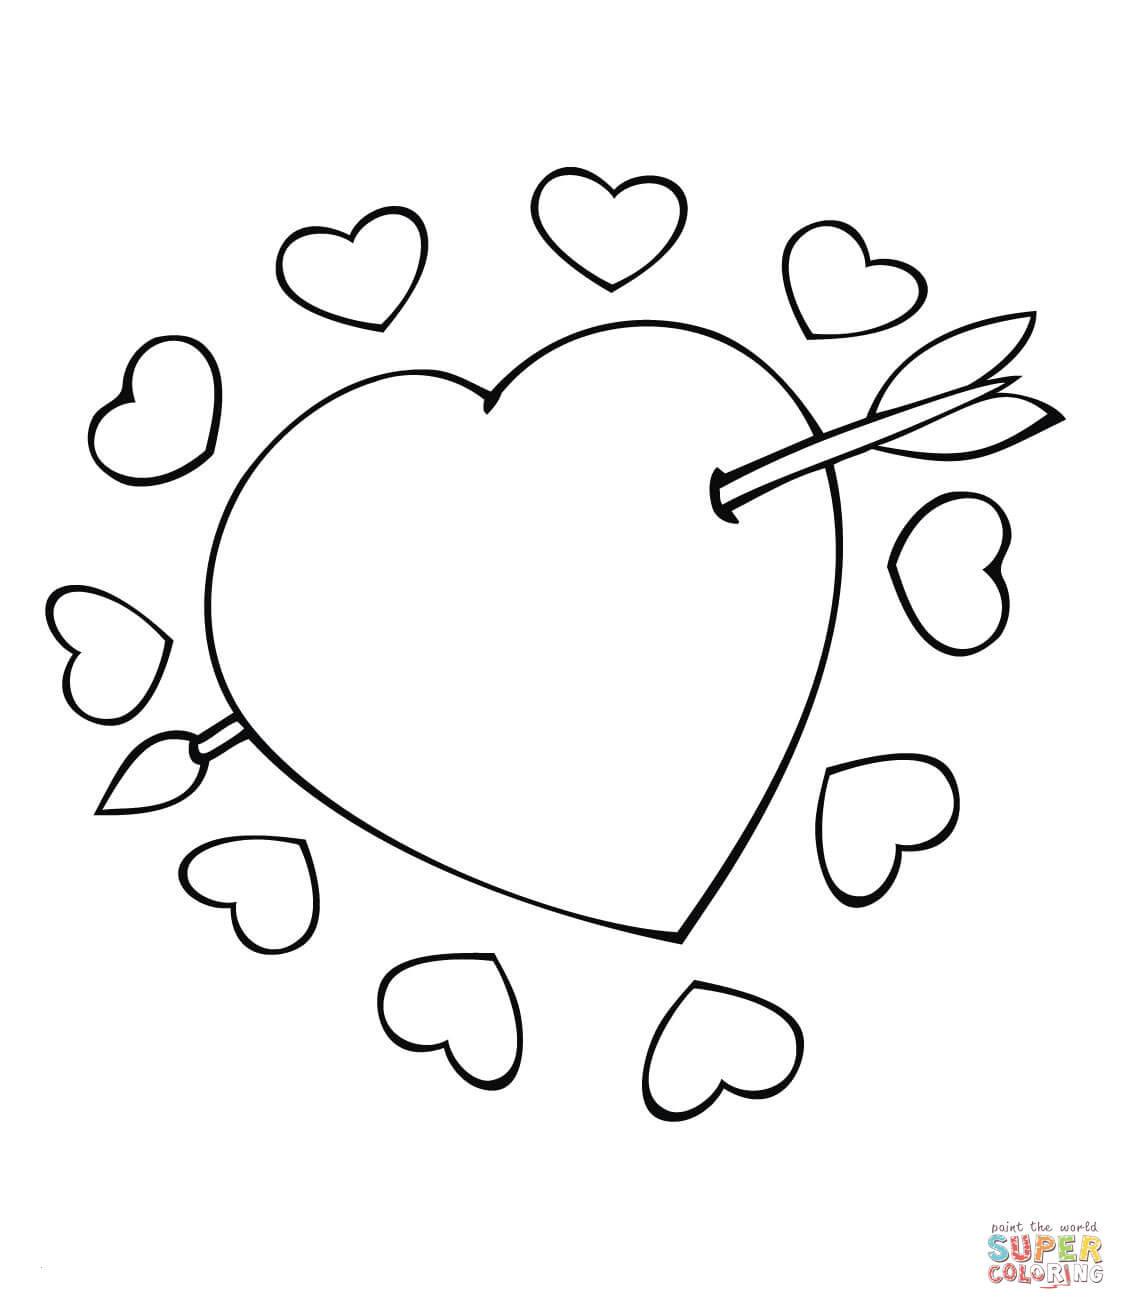 Ausmalbilder Rosen Mit Herz Das Beste Von Malvorlage Herz Luxus 35 Luxus Ausmalbilder Herz – Malvorlagen Ideen Stock